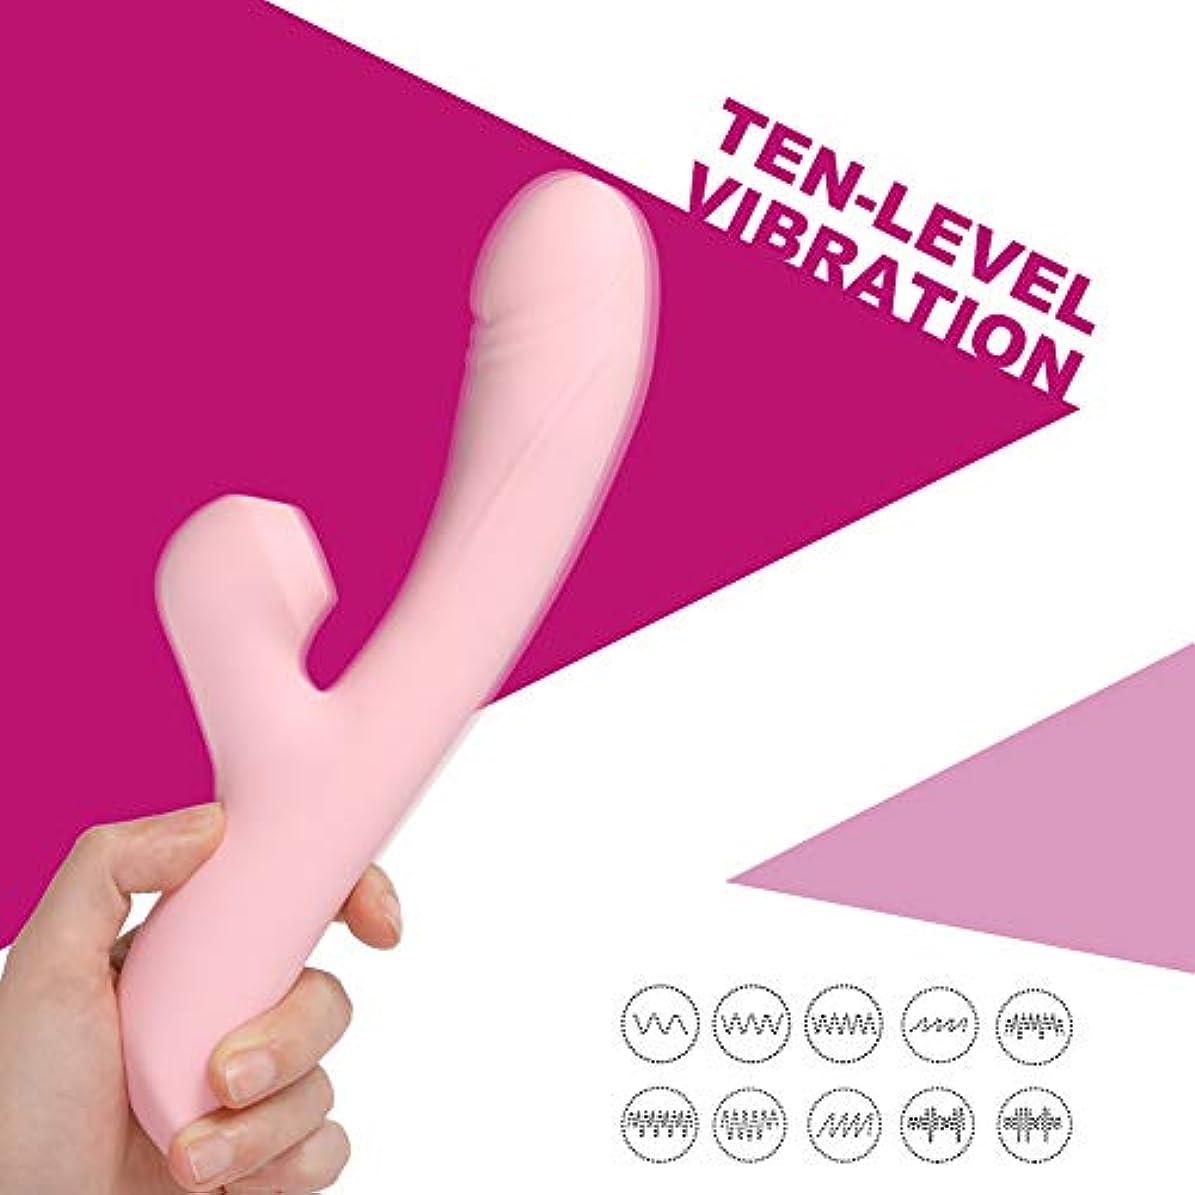 一般化する豊富な描写オイル セルライト バイブレーターUSB充電式 AVマジック ワンドバイブレーター マッサージャー 大人のおもちゃ女性用 10スピード電動マッサージ器 42度加熱 自由に曲げられる (ピンク色)